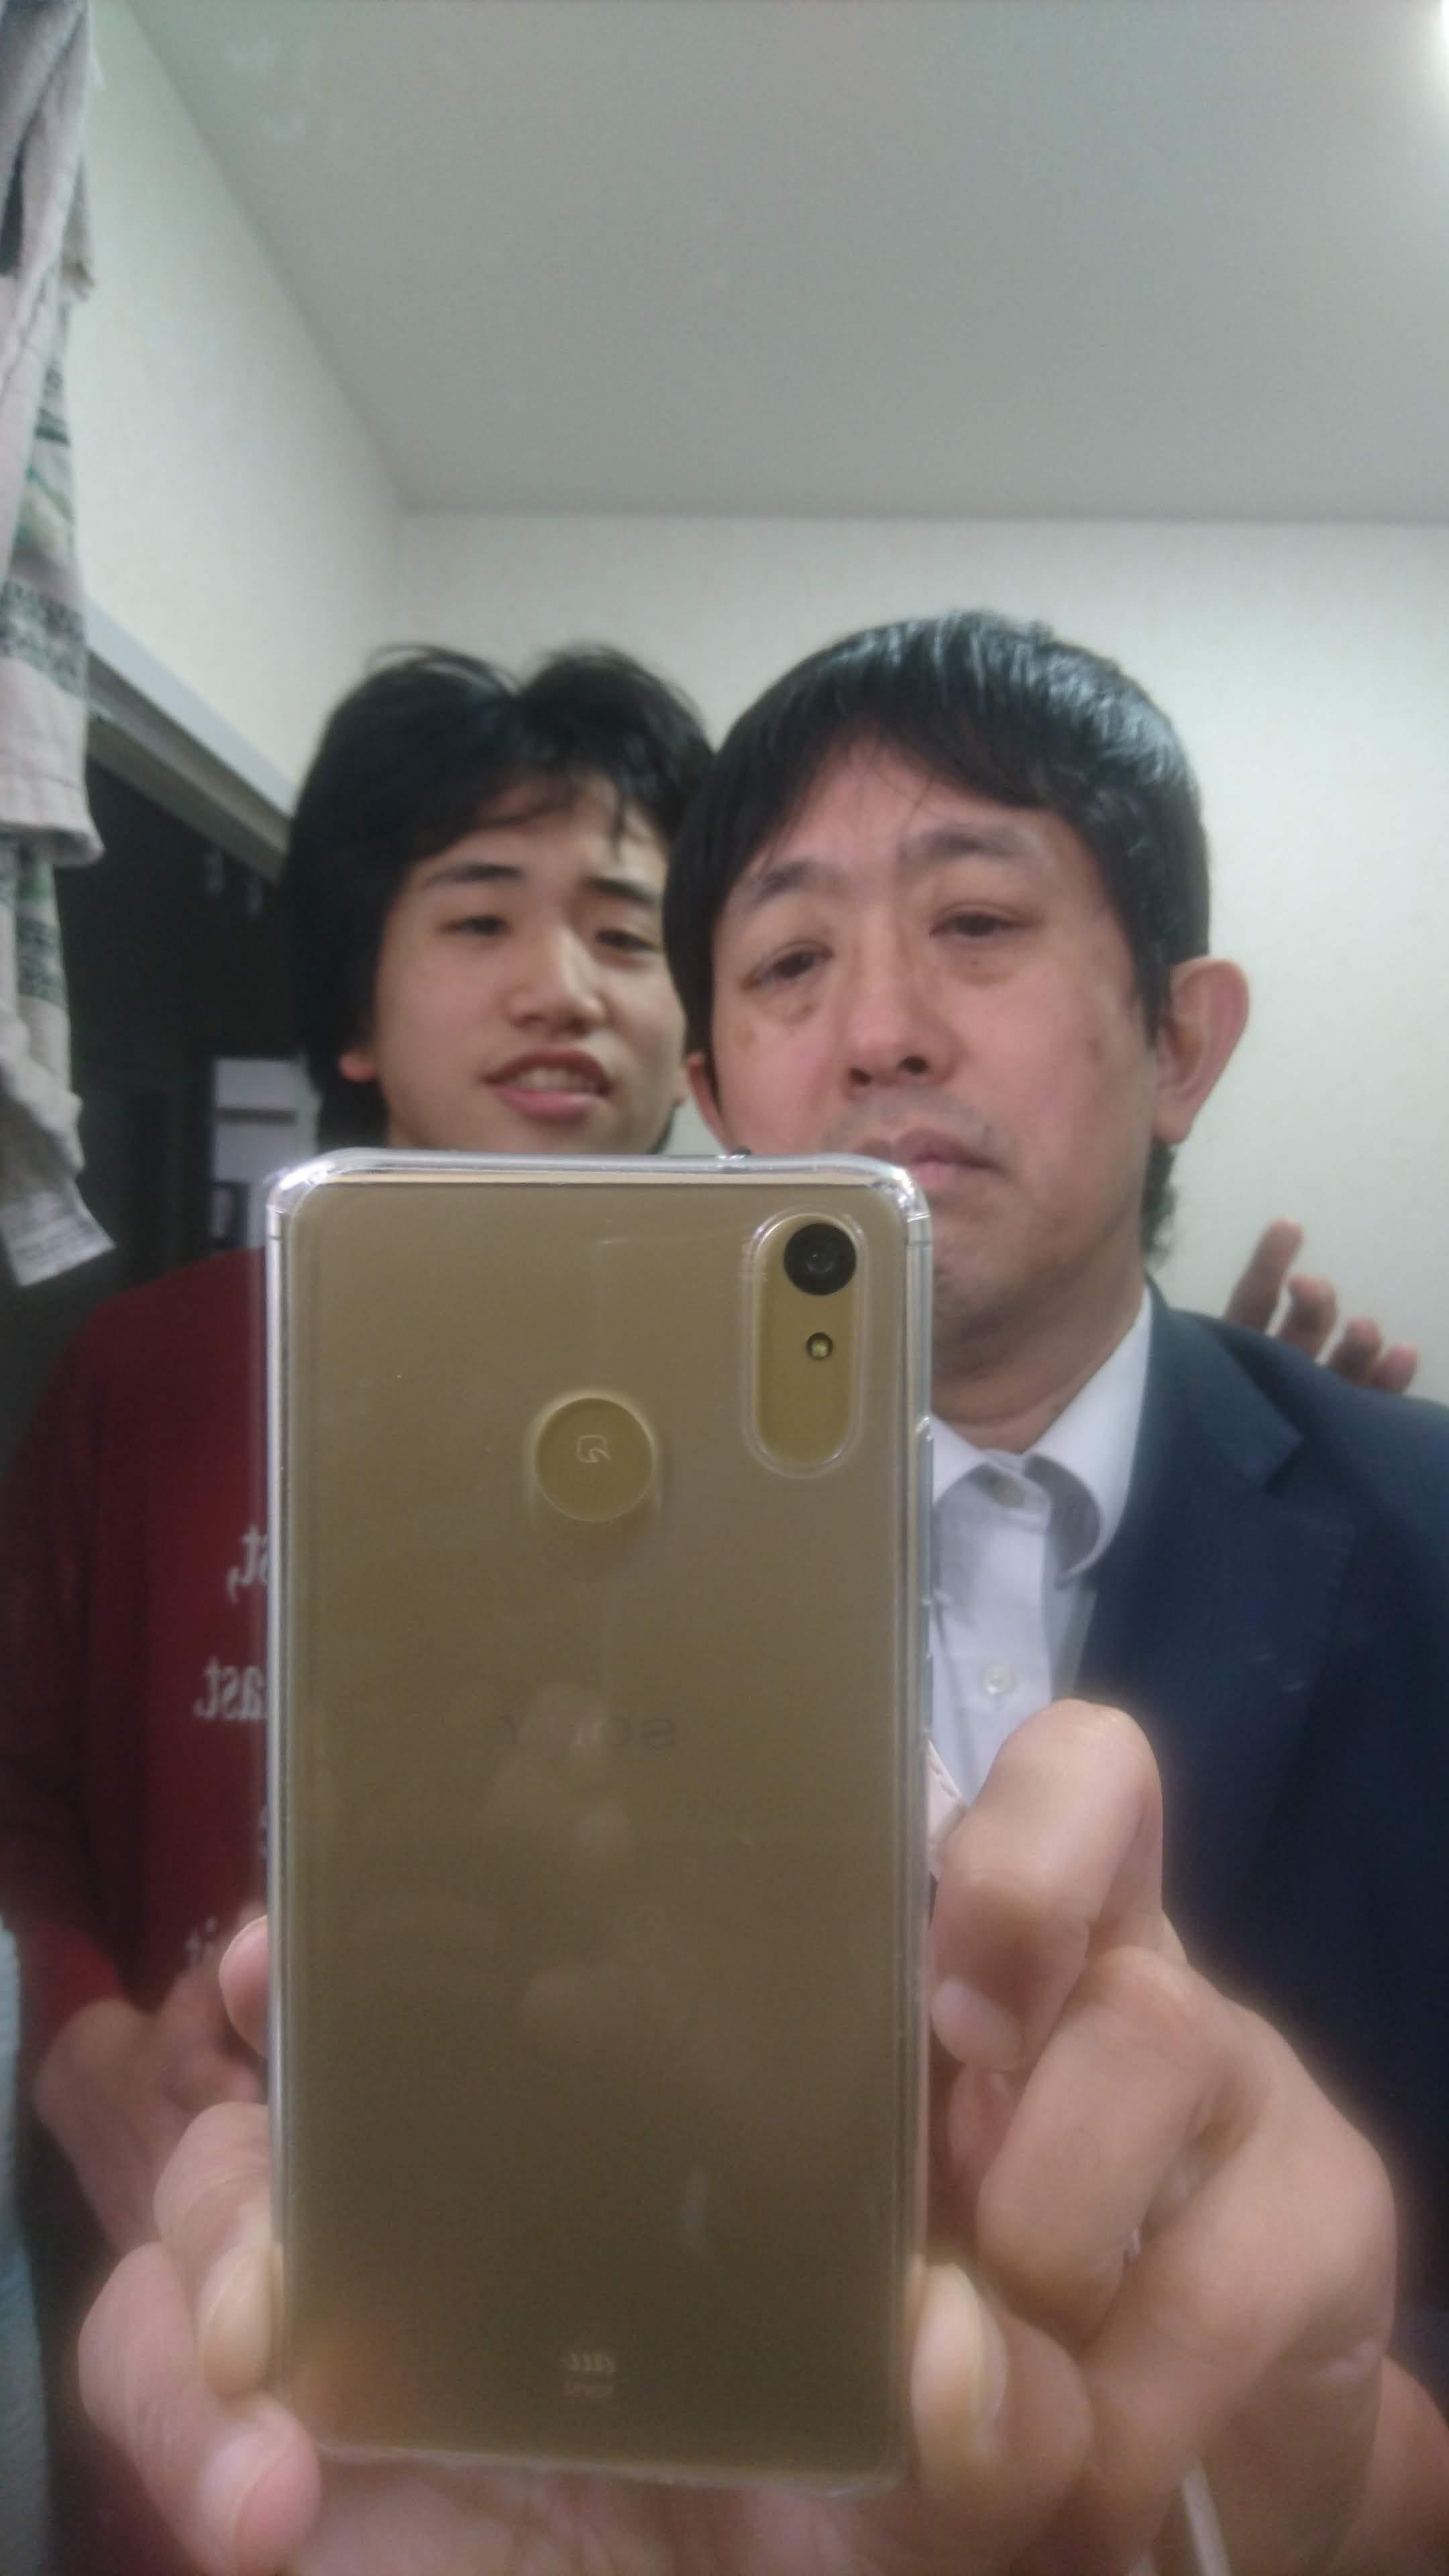 鏡の中のツーショット。ともみちくんと。(いやコレを撮ろうとしてたわけではなかったんですが…)